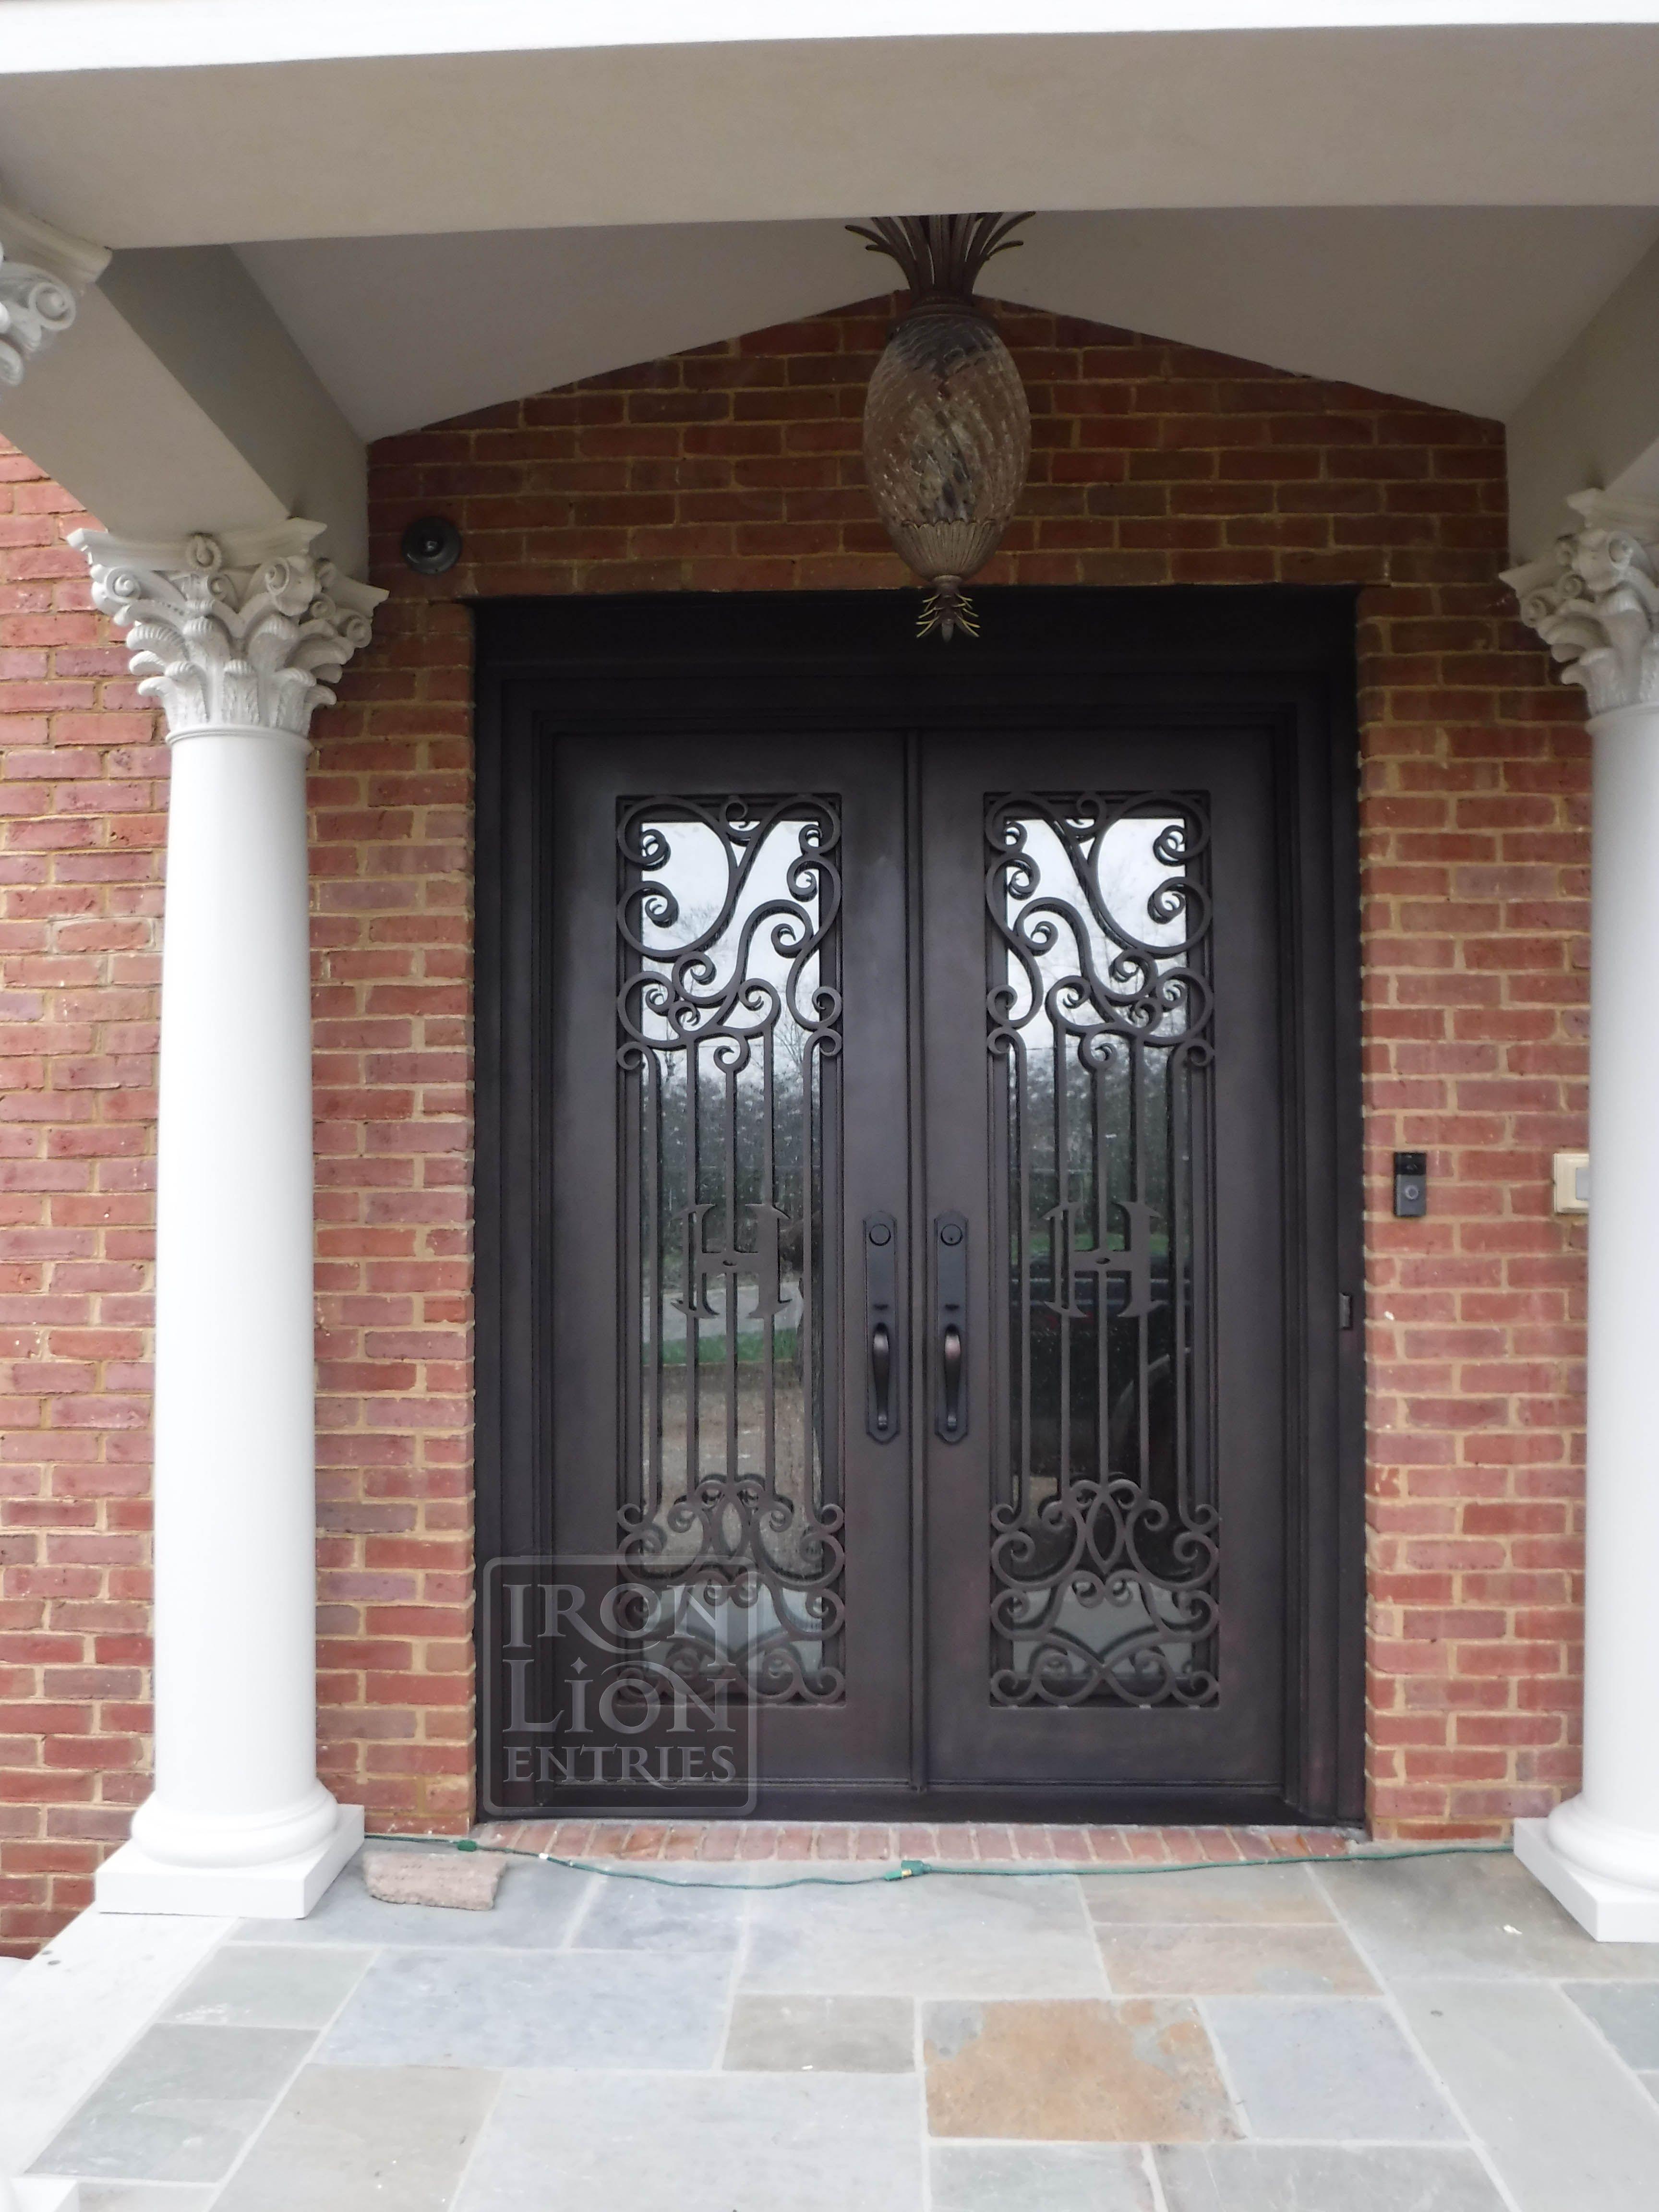 Iron Lion Entries Custom Iron Door Design Front Door Remodel